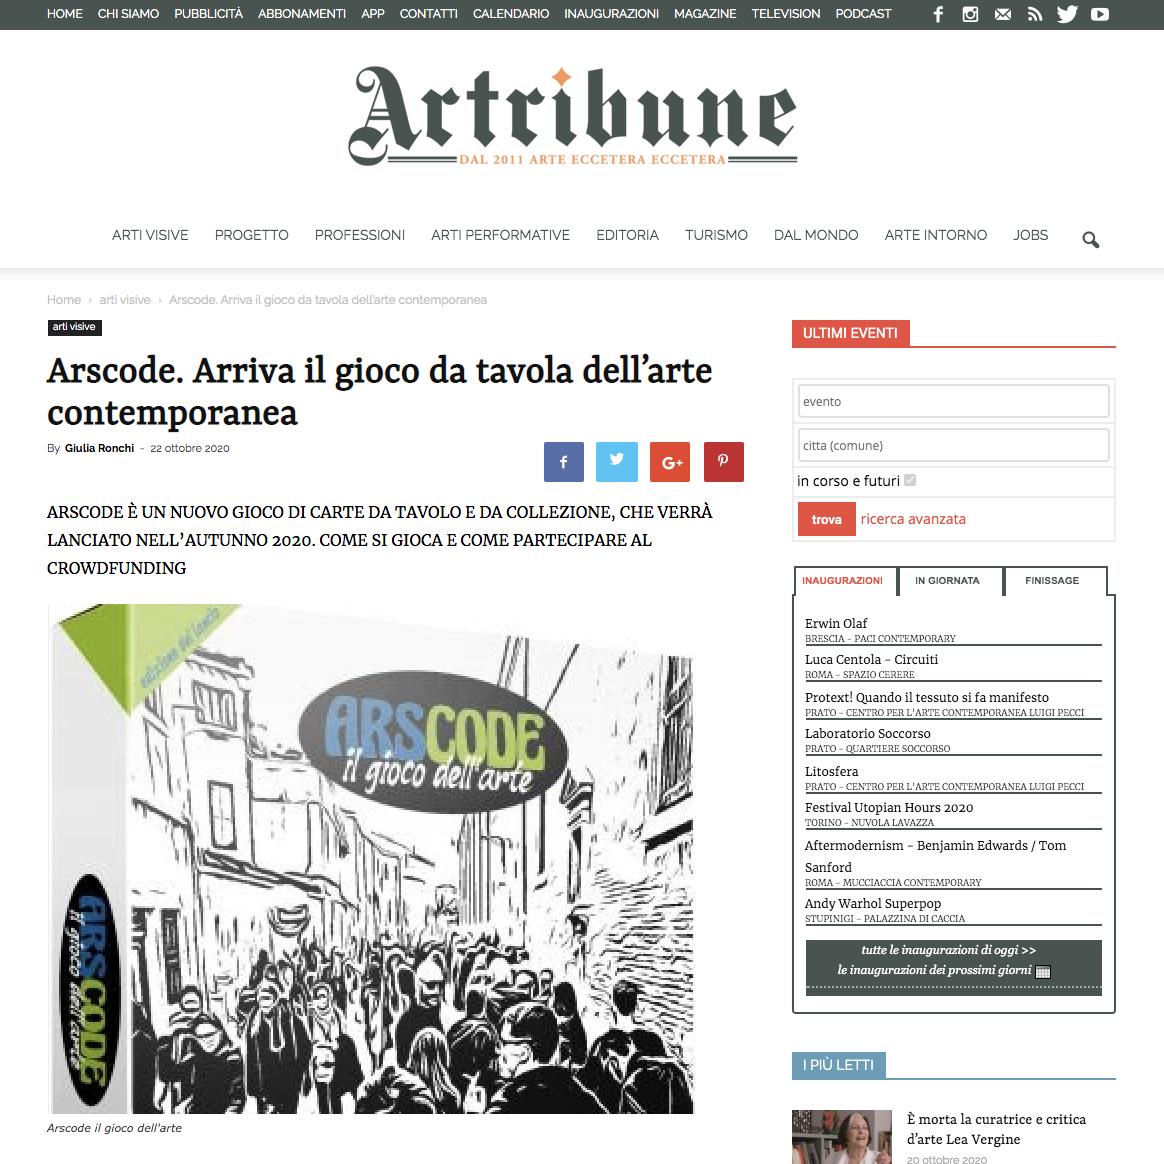 Arscode. Arriva il gioco da tavola dell'arte contemporanea | Artribune